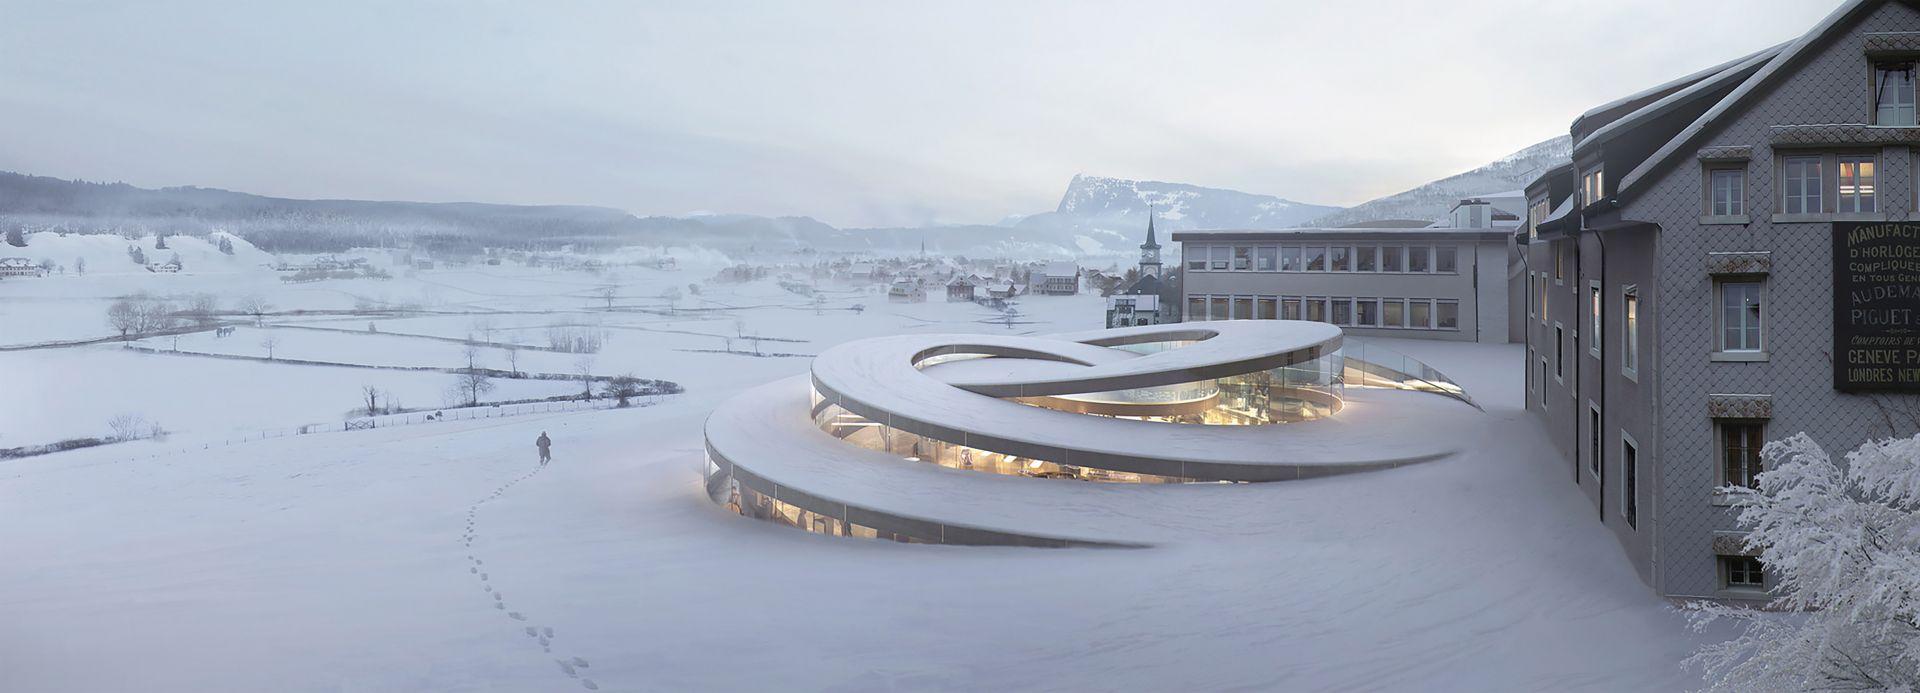 La maison des fondateurs concept design exterior landscape